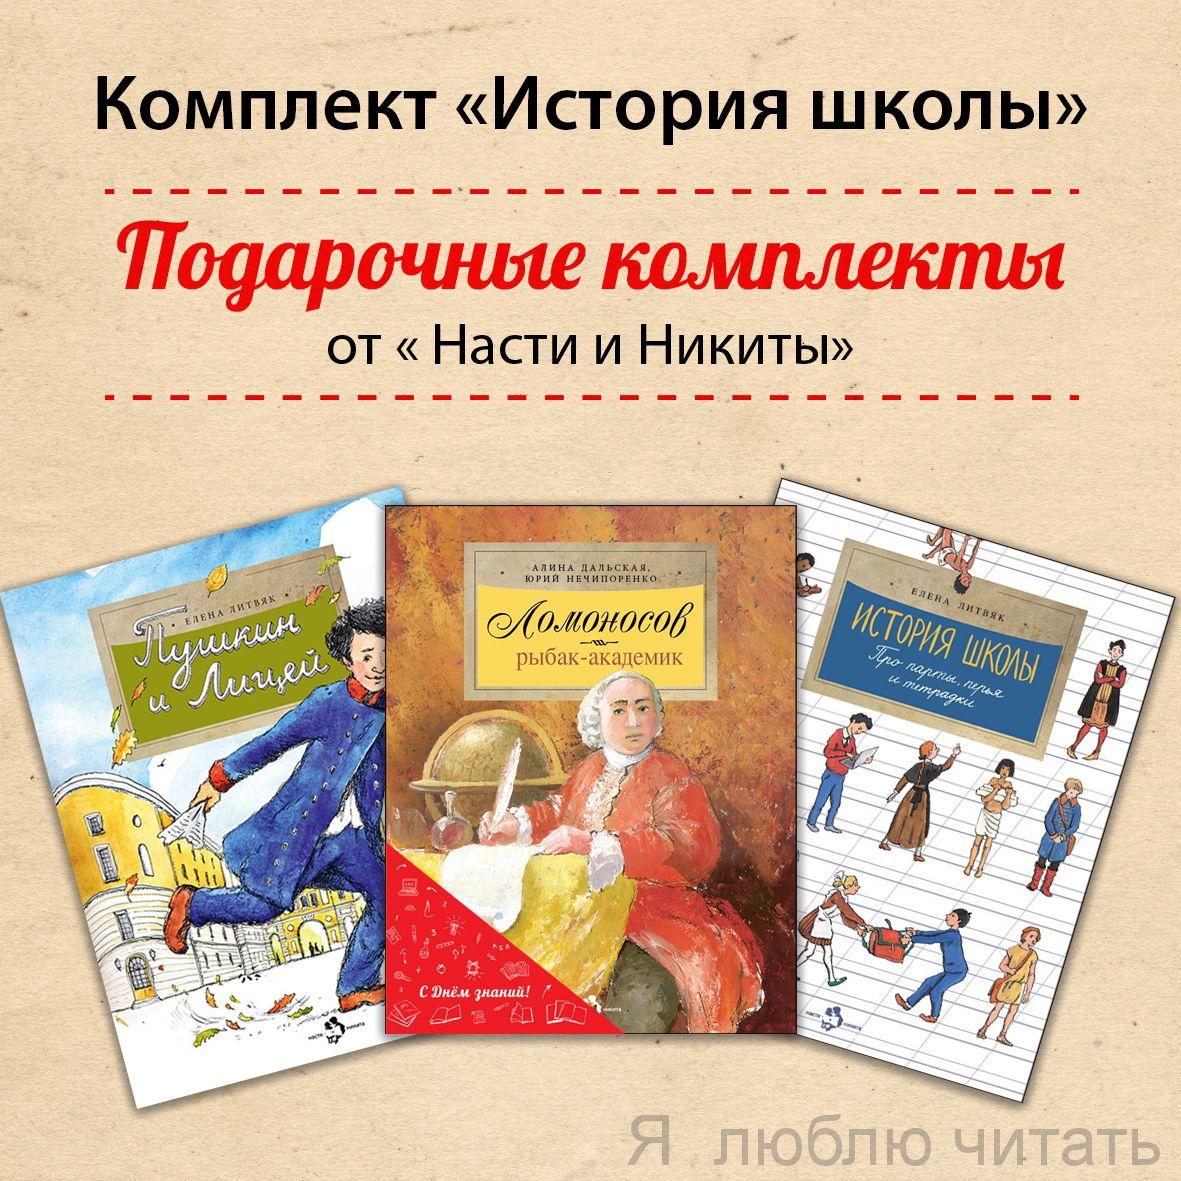 Книжный комплект «История школы»